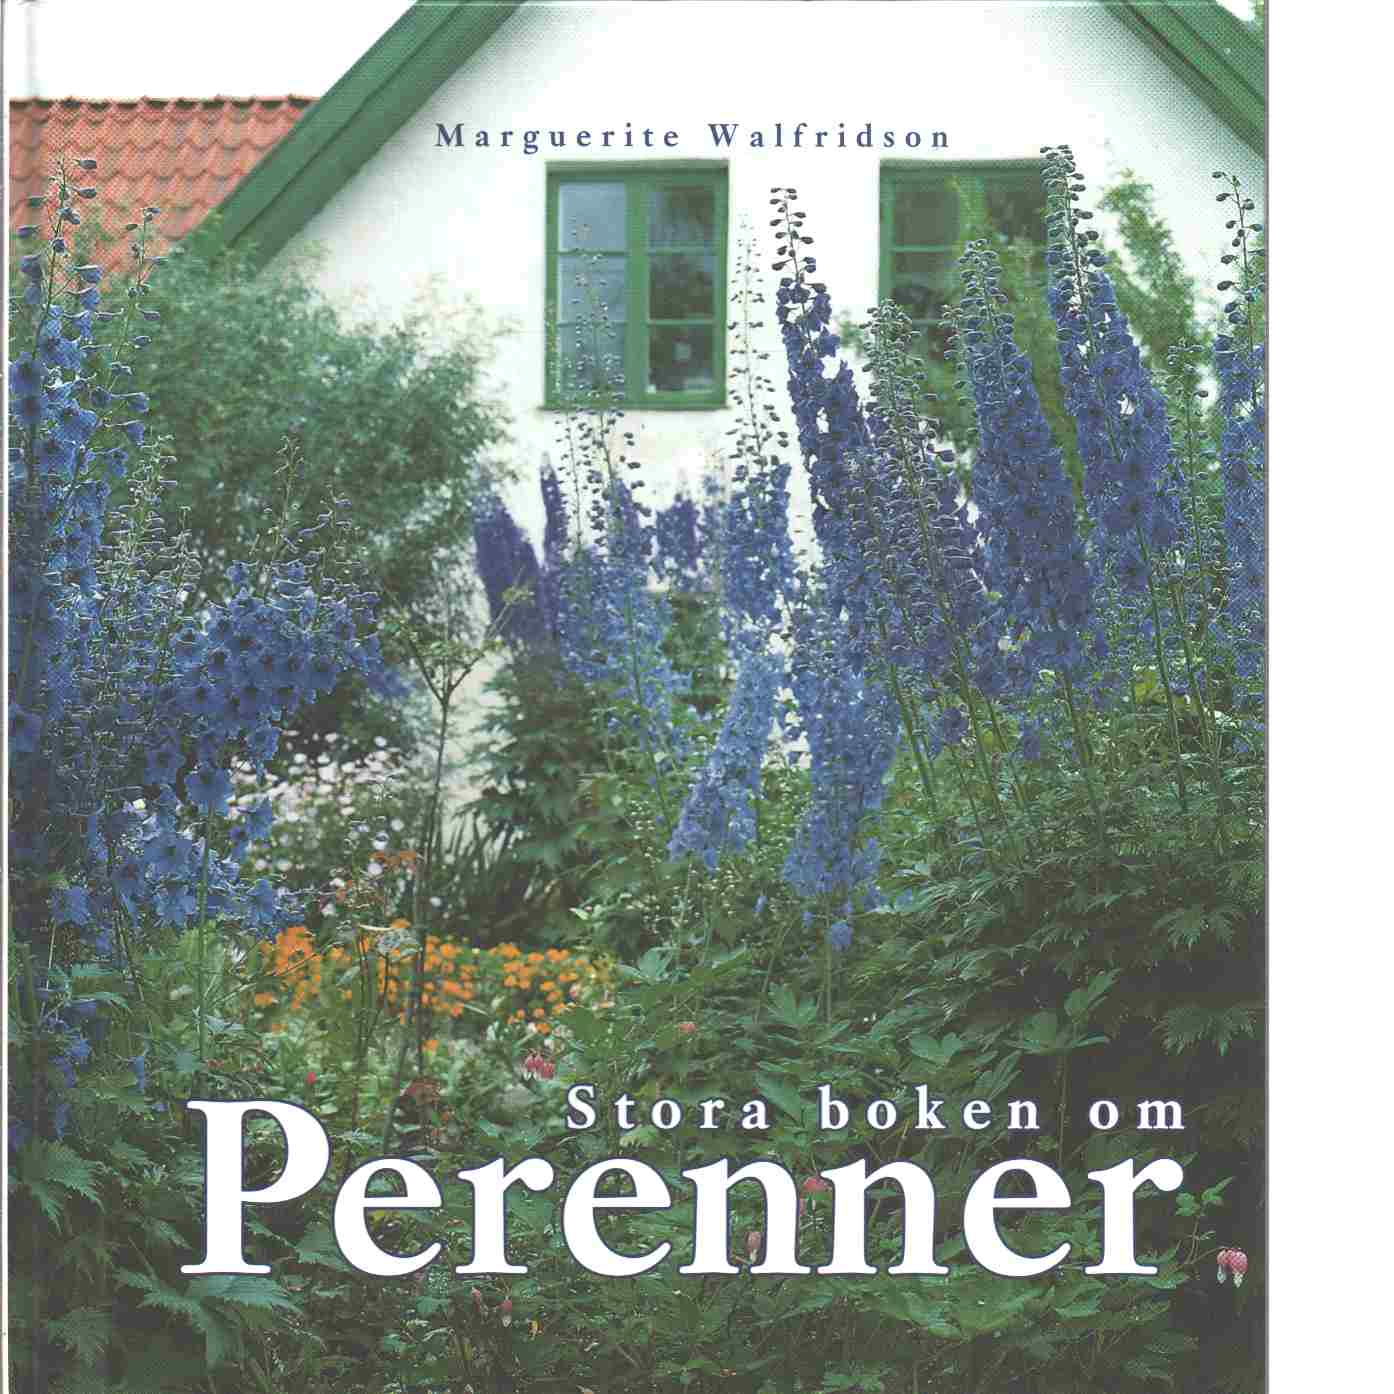 Stora boken om perenner - Walfridson, Marguerite